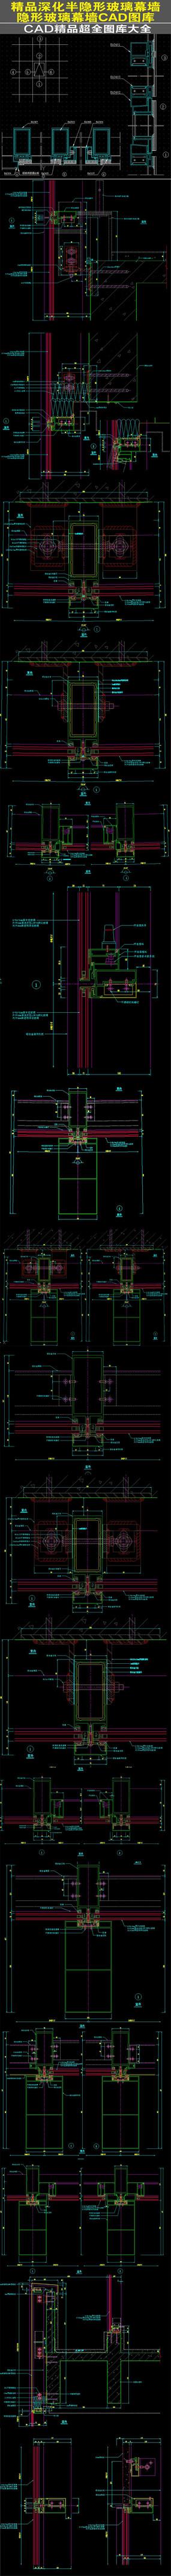 半隐形隐形玻璃幕墙CAD